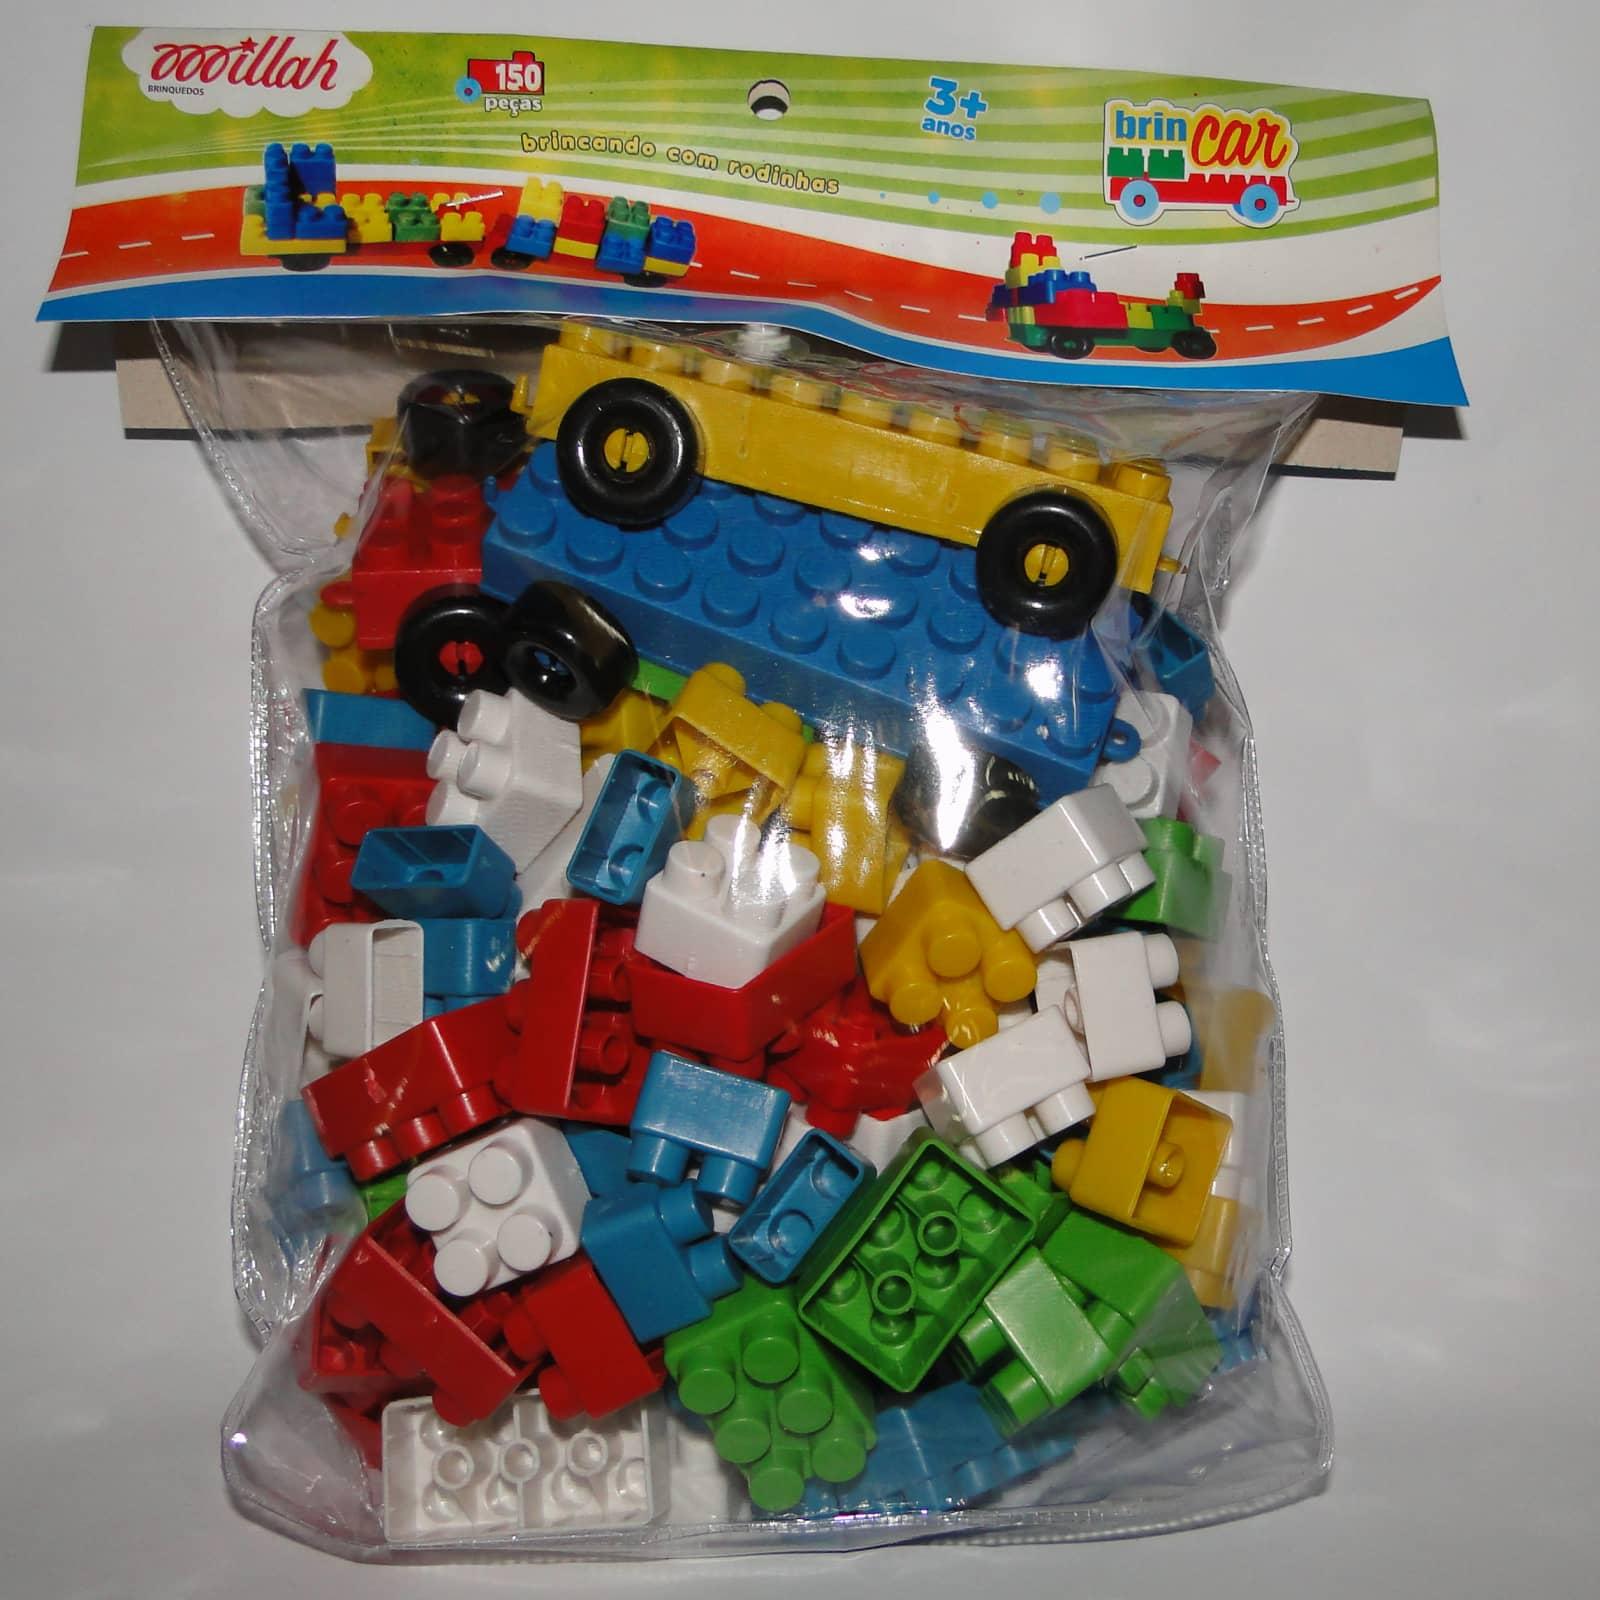 Brincar 150 peças - Ref 395